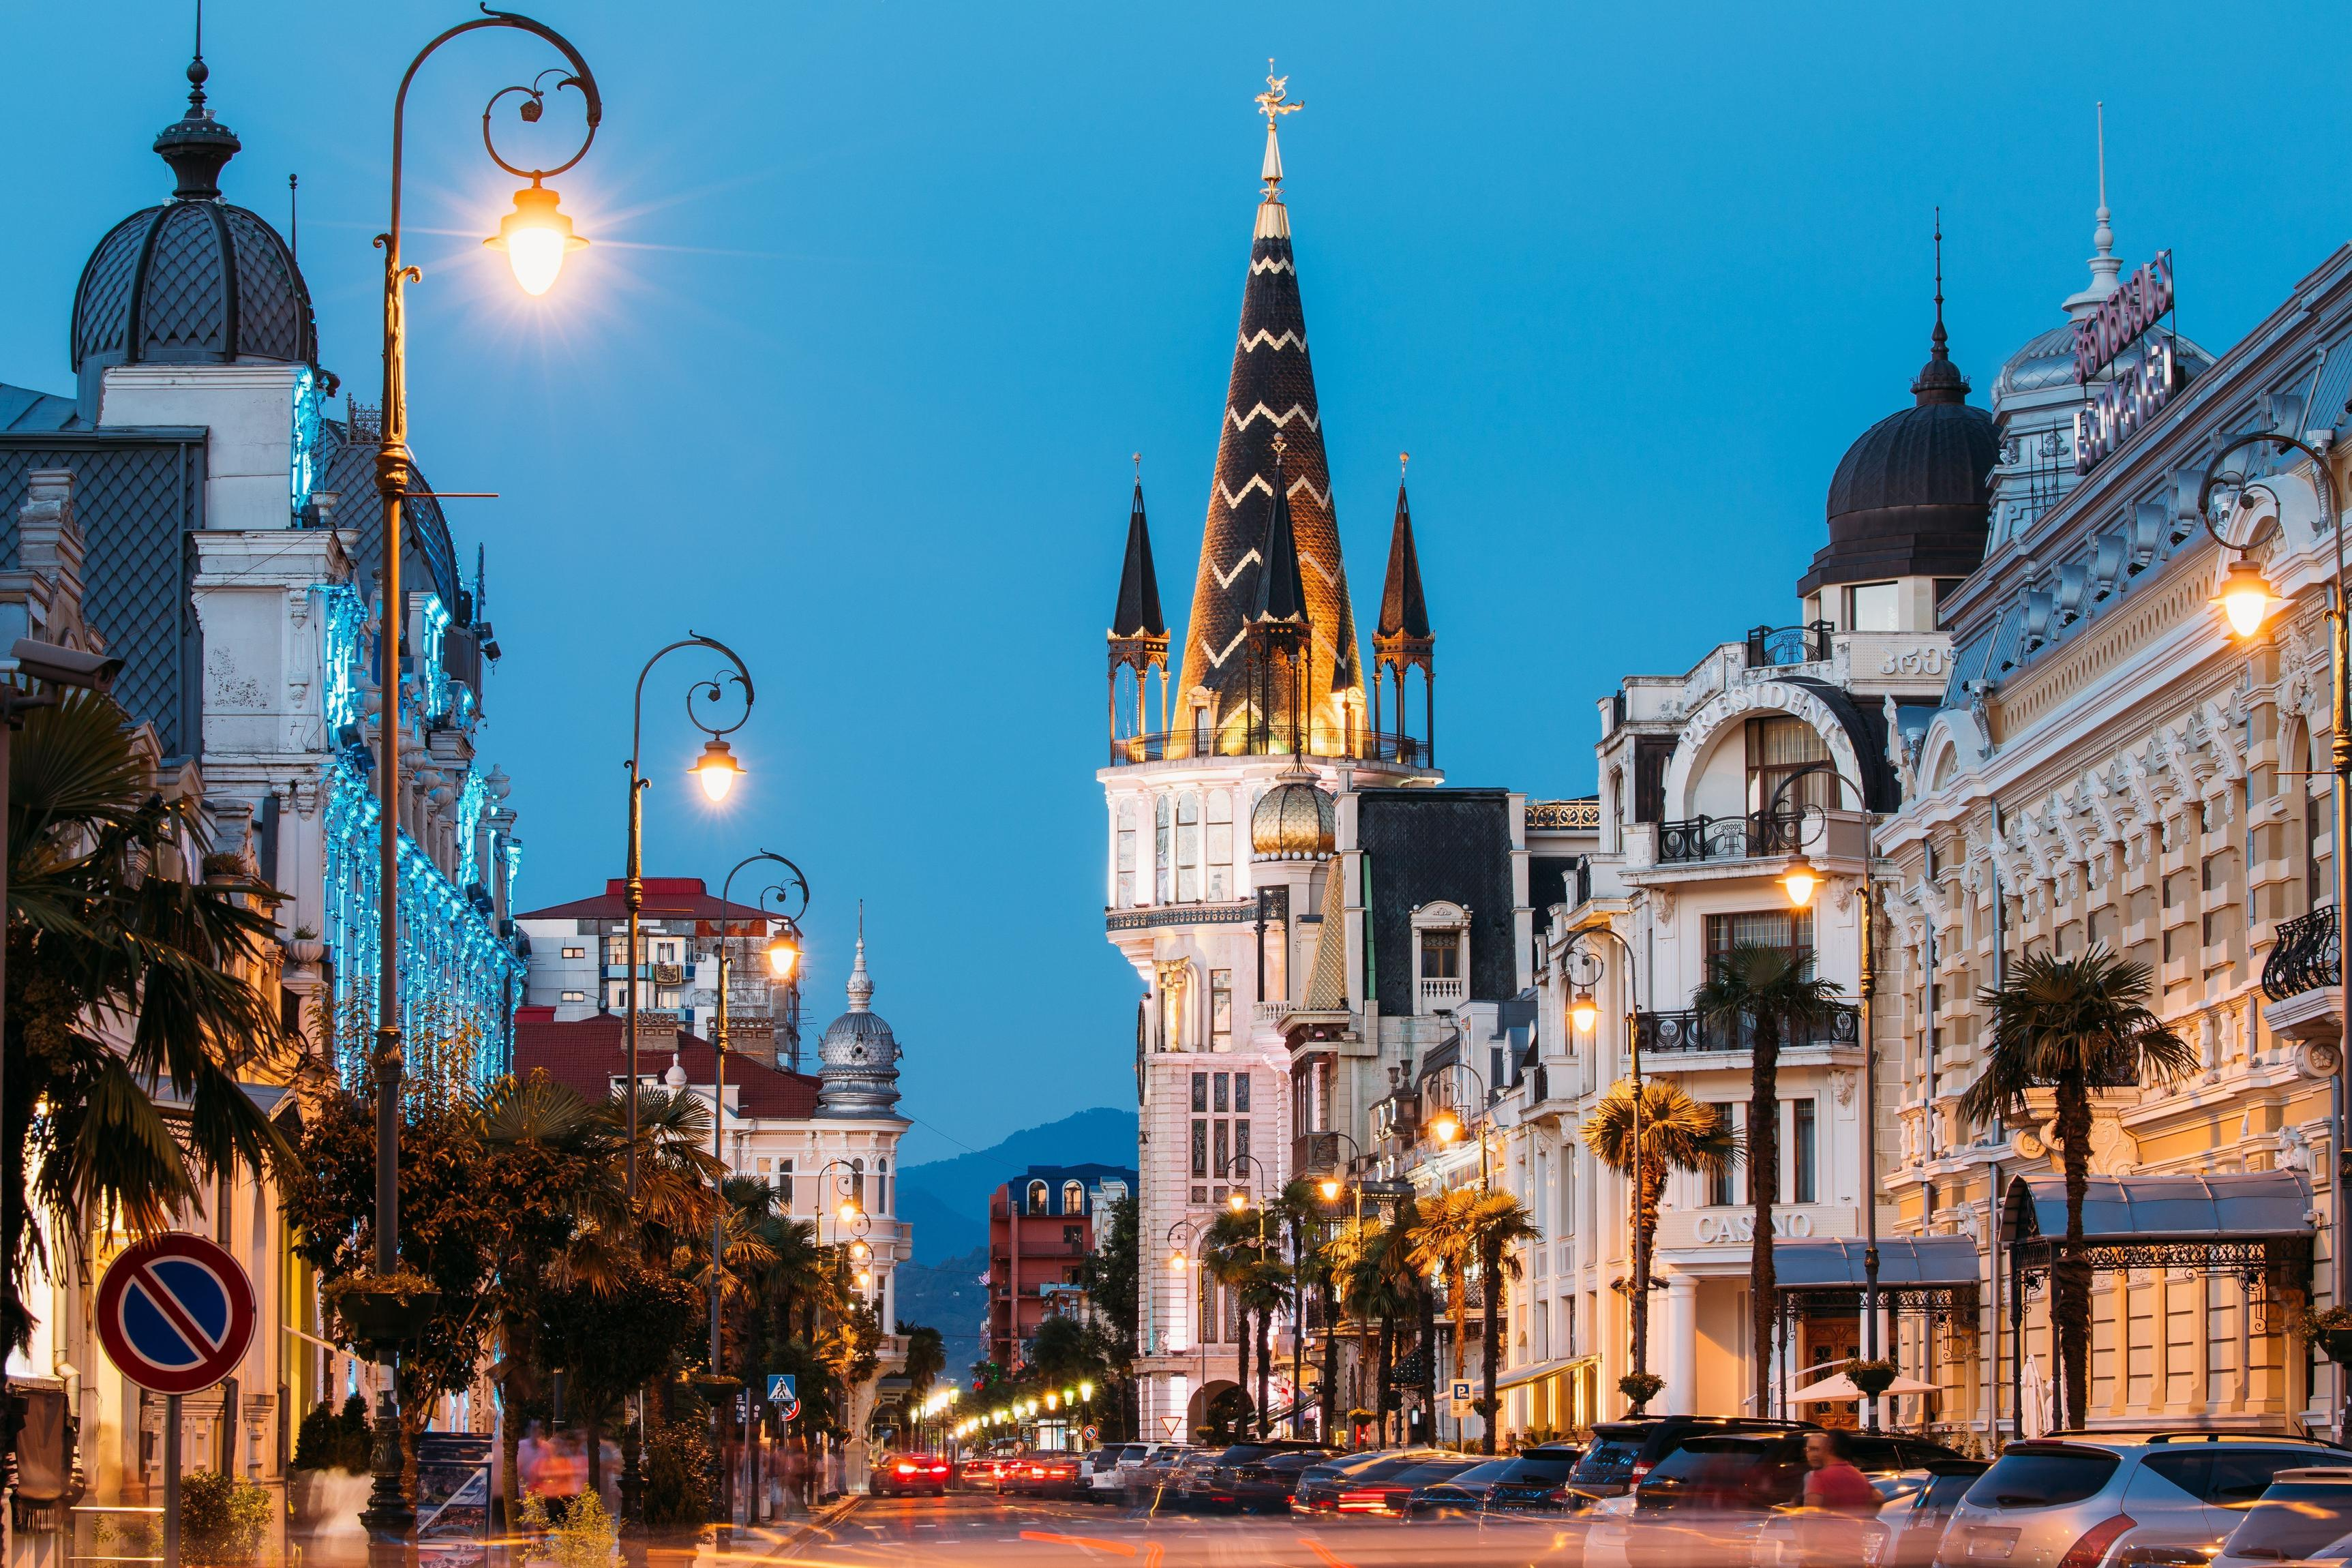 Батуми, Грузия - путеводитель по городу | Planet of Hotels